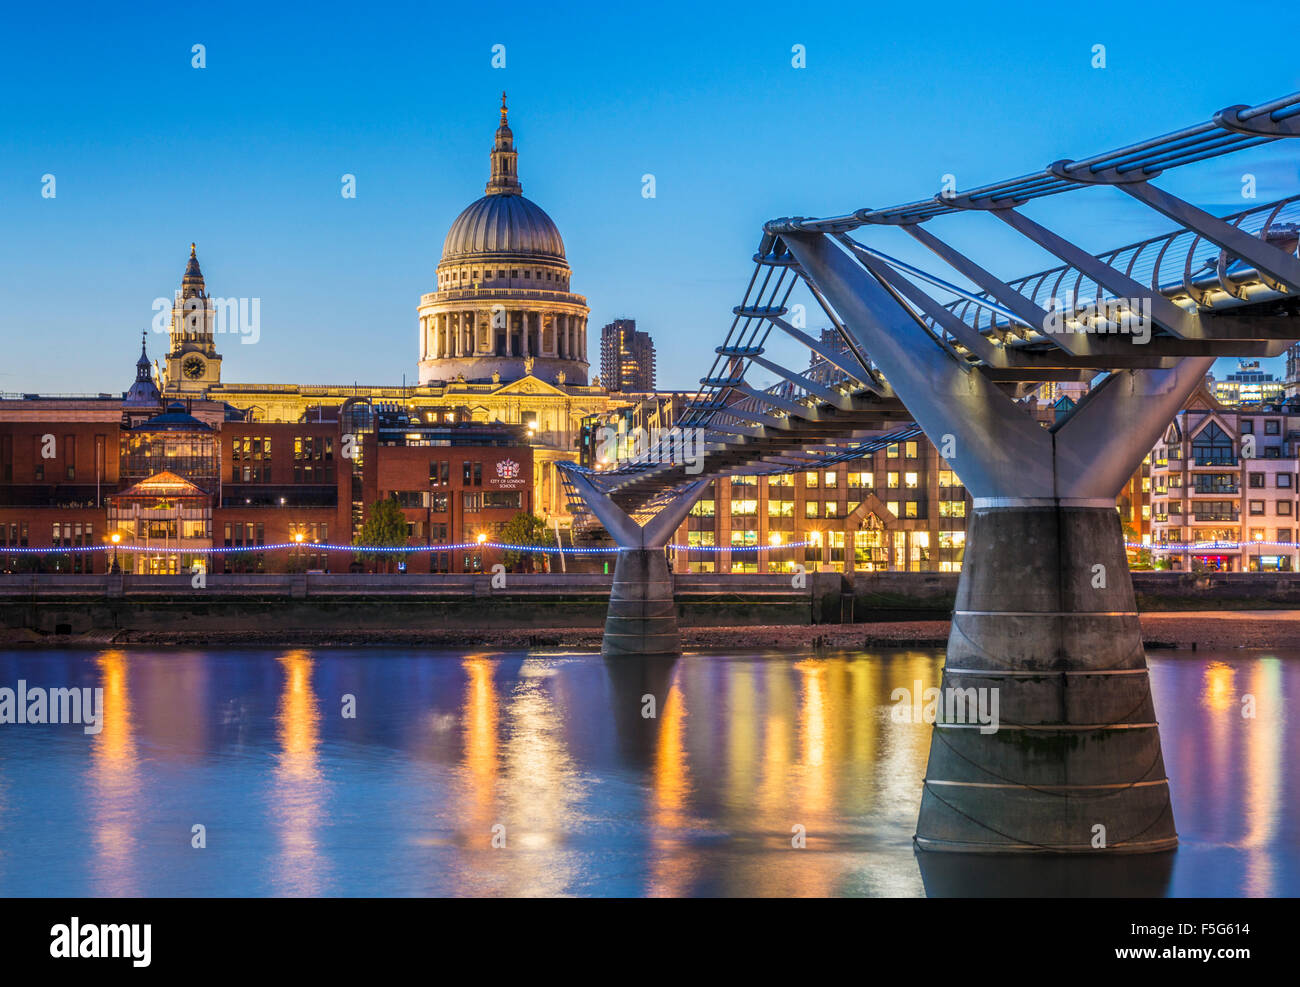 St Pauls Cathedral Millennium bridge e la City of London skyline notturno Fiume Tamigi City of London REGNO UNITO Immagini Stock